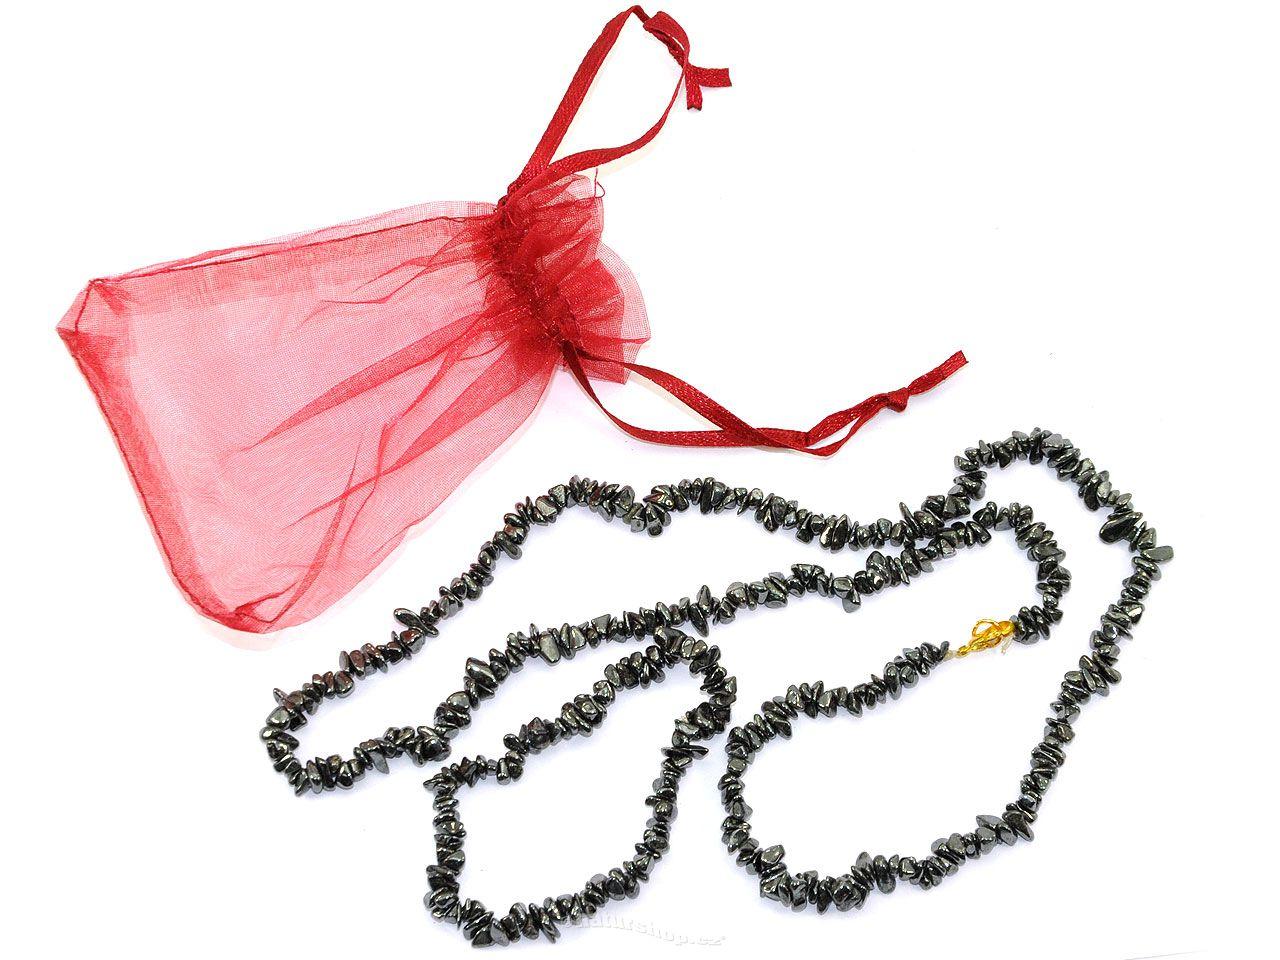 Hematit šperky sada - náhrdelník 60cm + náramek